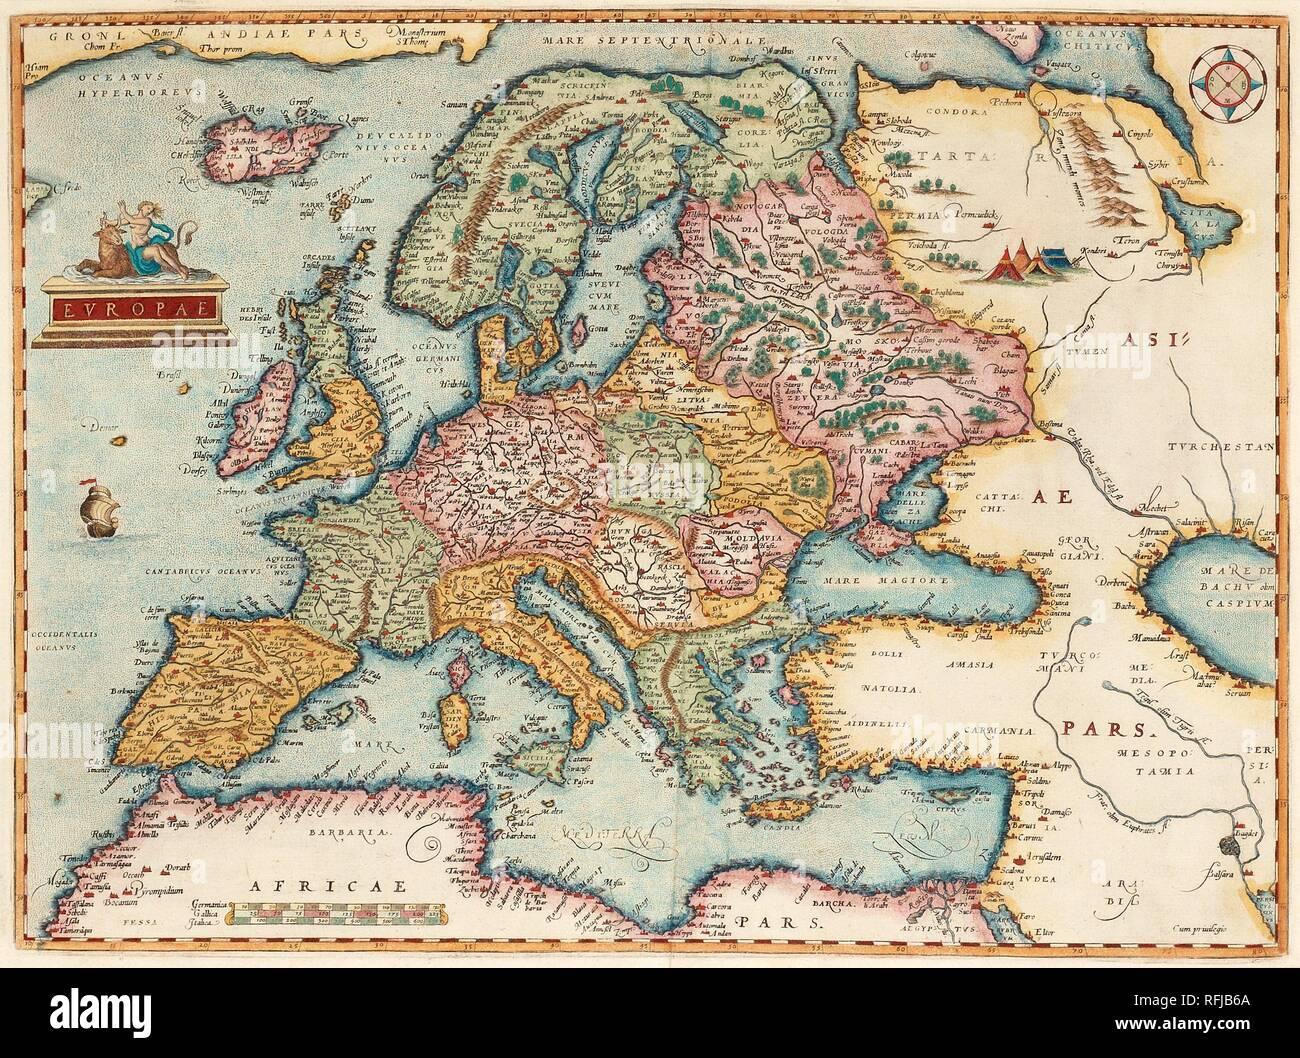 Carte Europe Latine.Carte Du Monde Europe Asie Afrique Amerique Latine Et